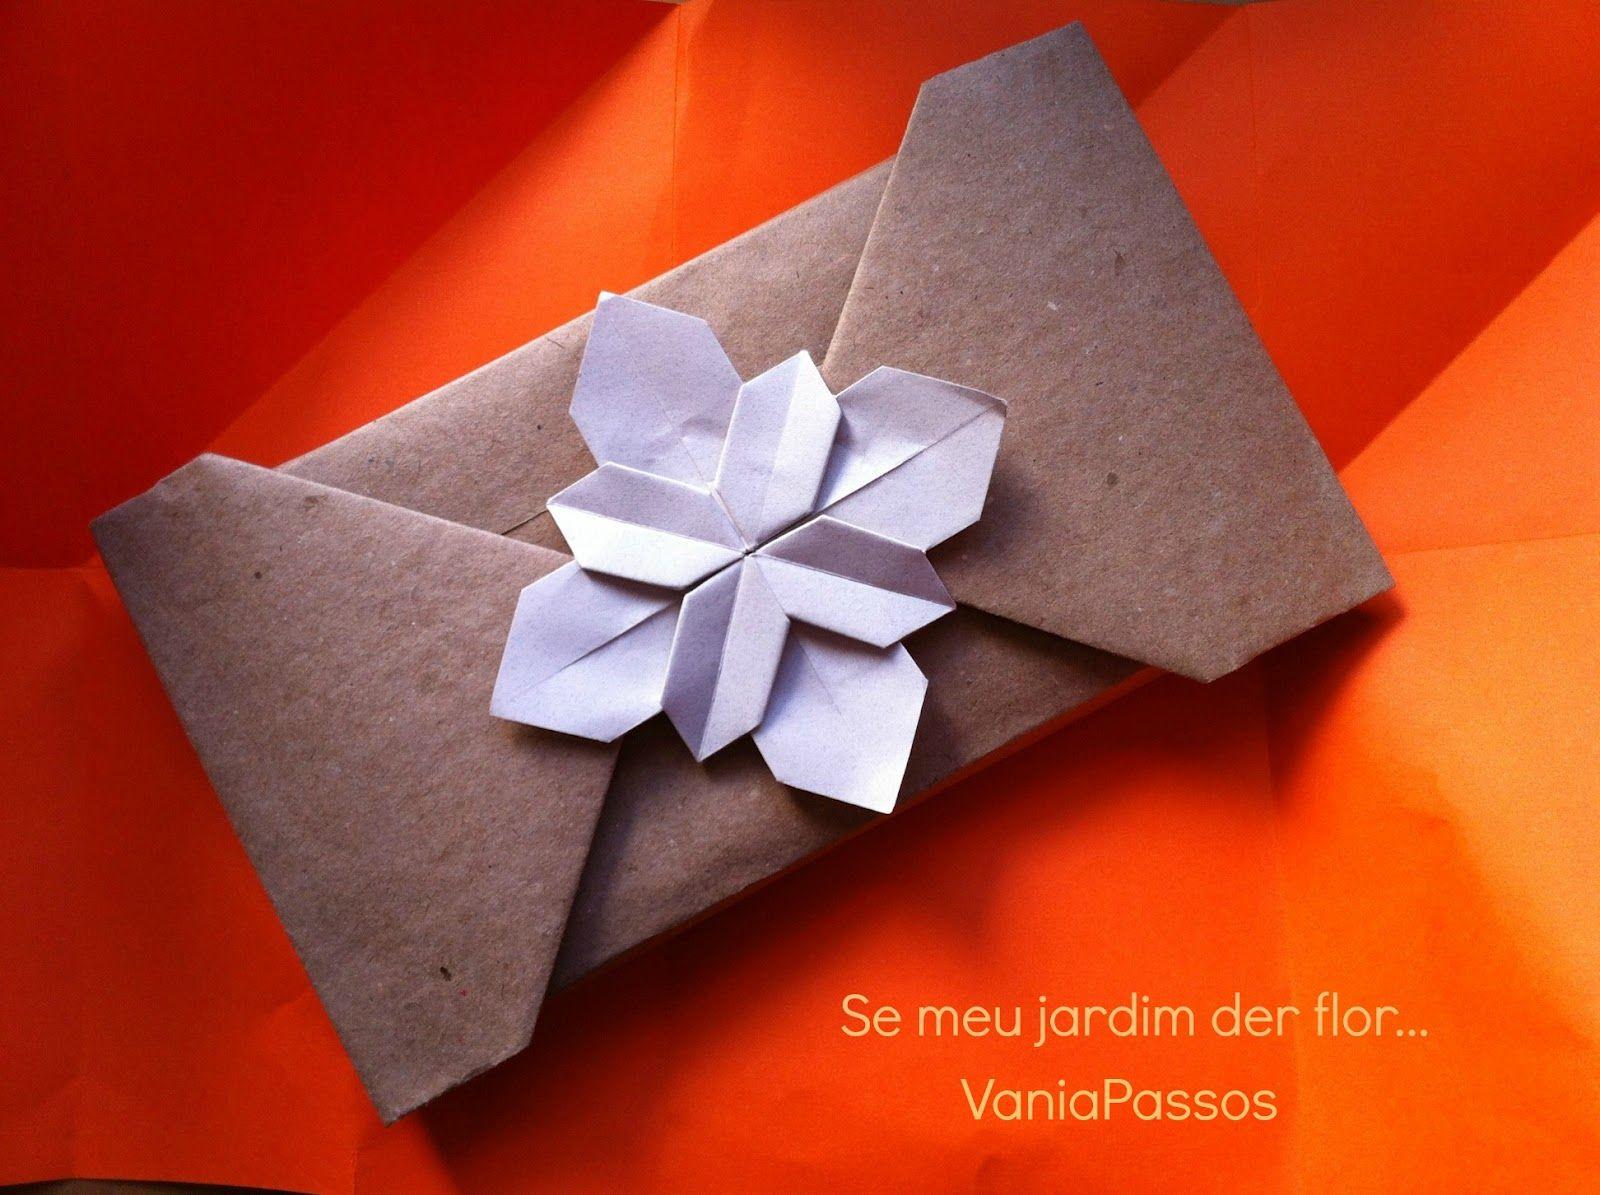 vania passos origami | SE MEU JARDIM DER FLOR...: Quando a embalagem ...